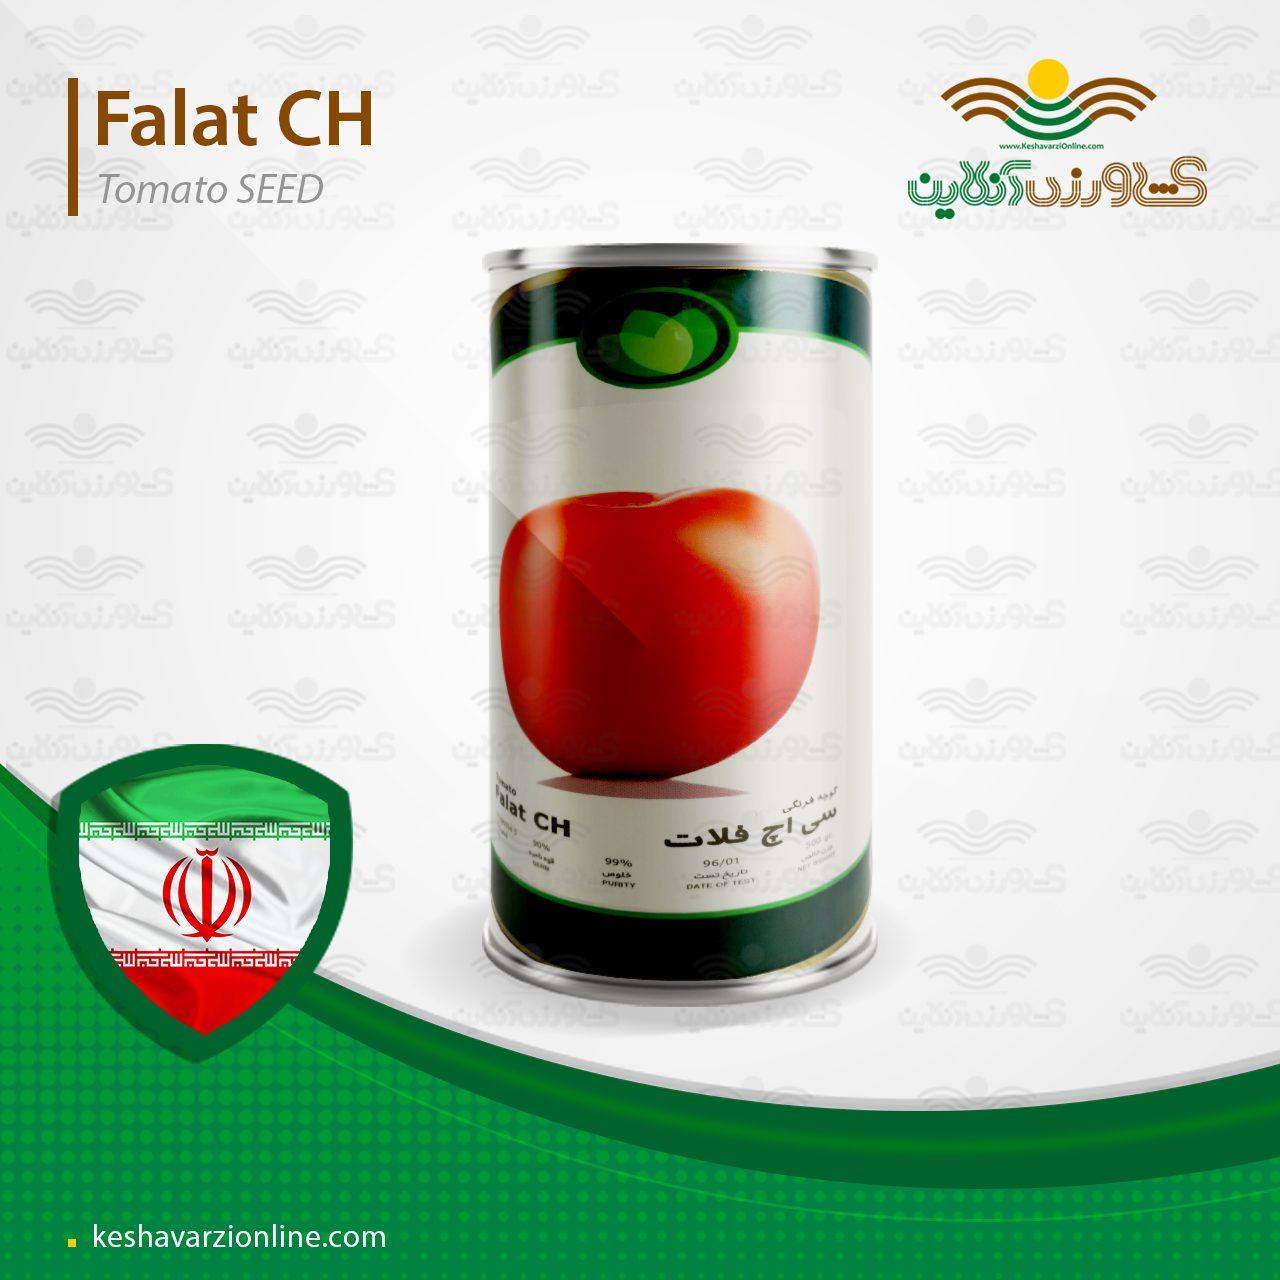 بذر گوجه فرنگی سی اچ فلات نیم کیلویی